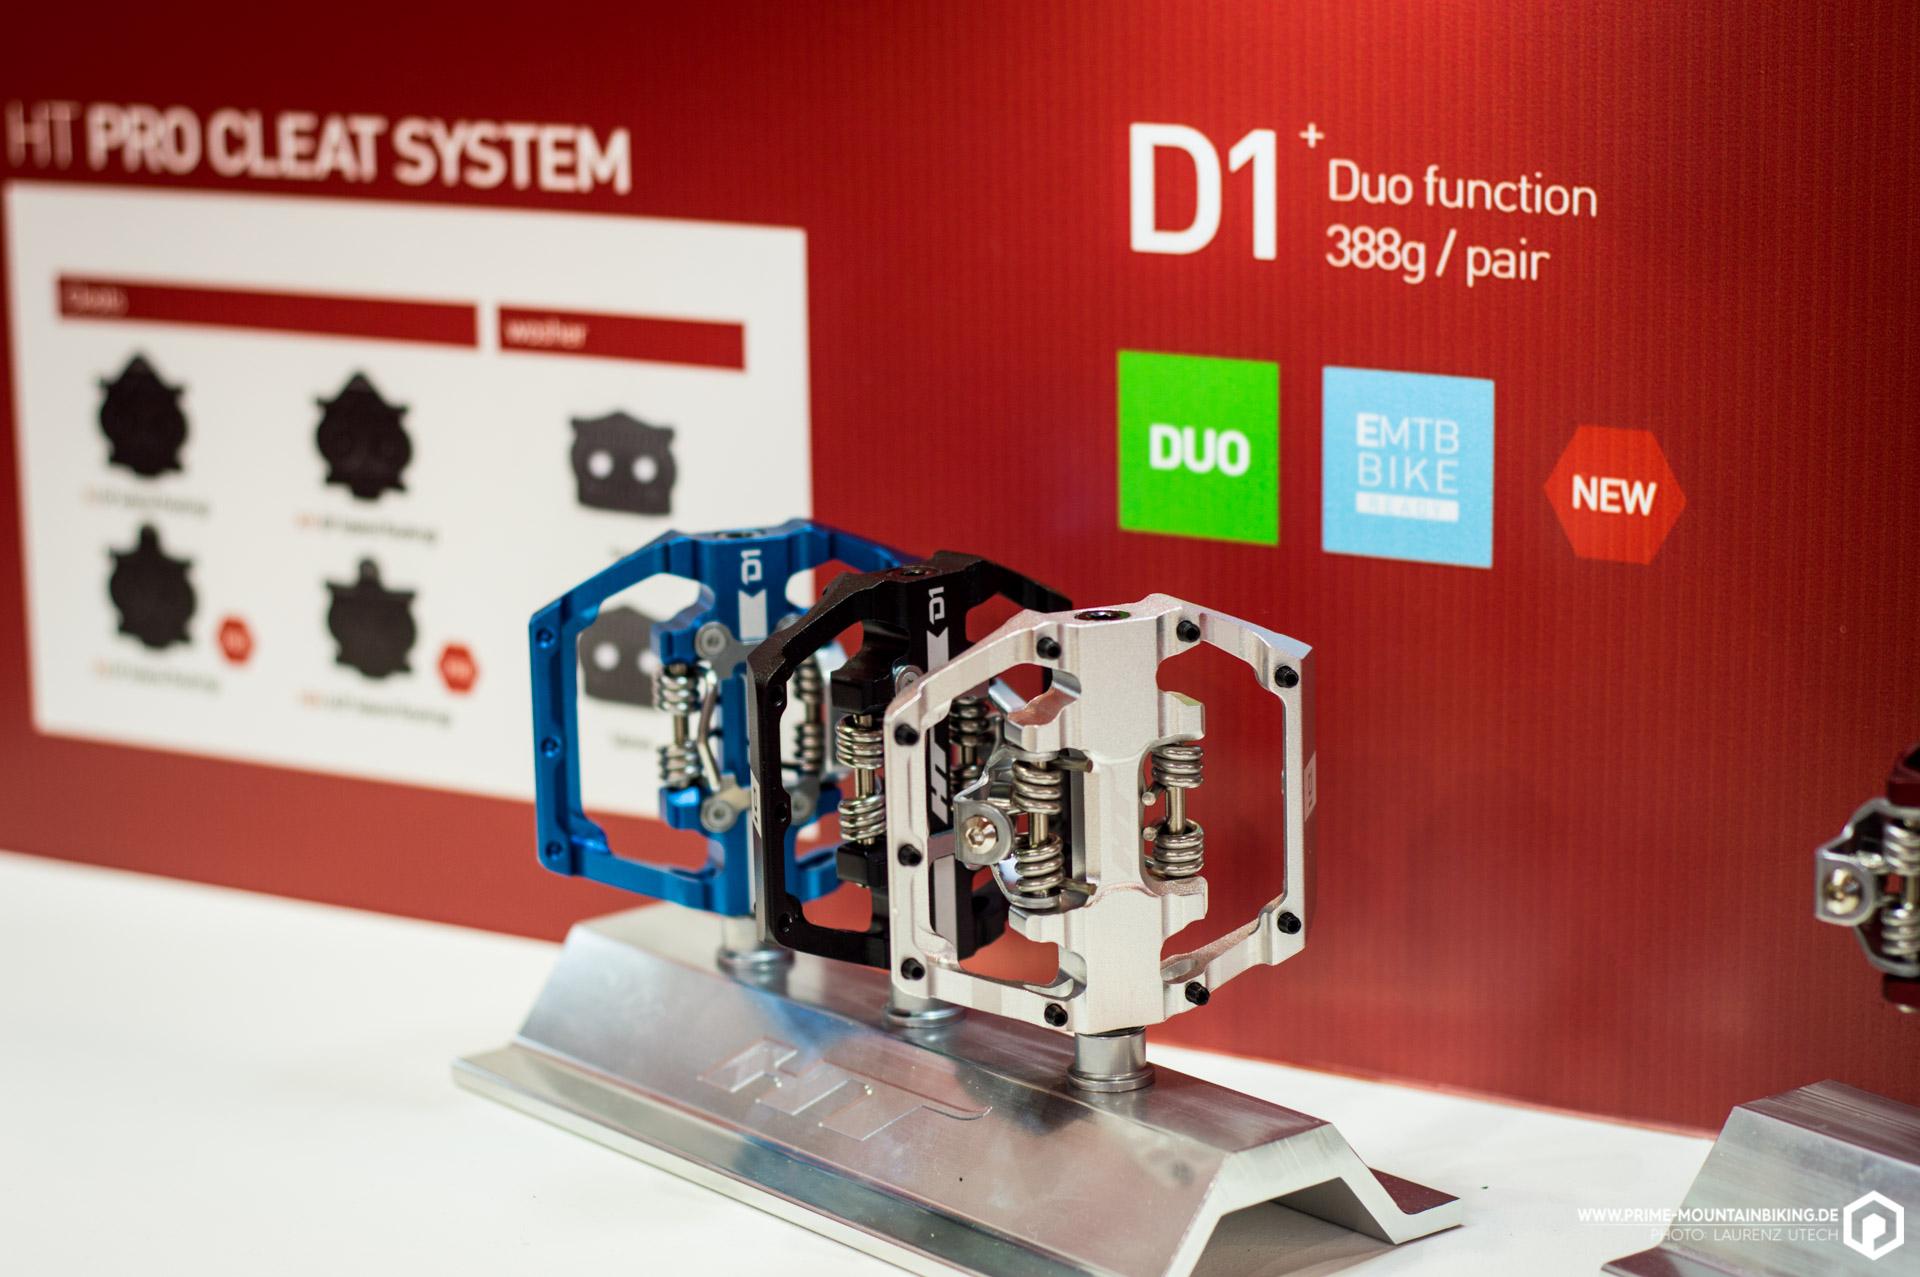 Ganz neu im Aufgebot der Klickpedale bei HT sind die D1 Pedale, die mit ihrer dualen Funktion vor allem Hobby- und E-MTB-Fahrer ansprechen sollen.